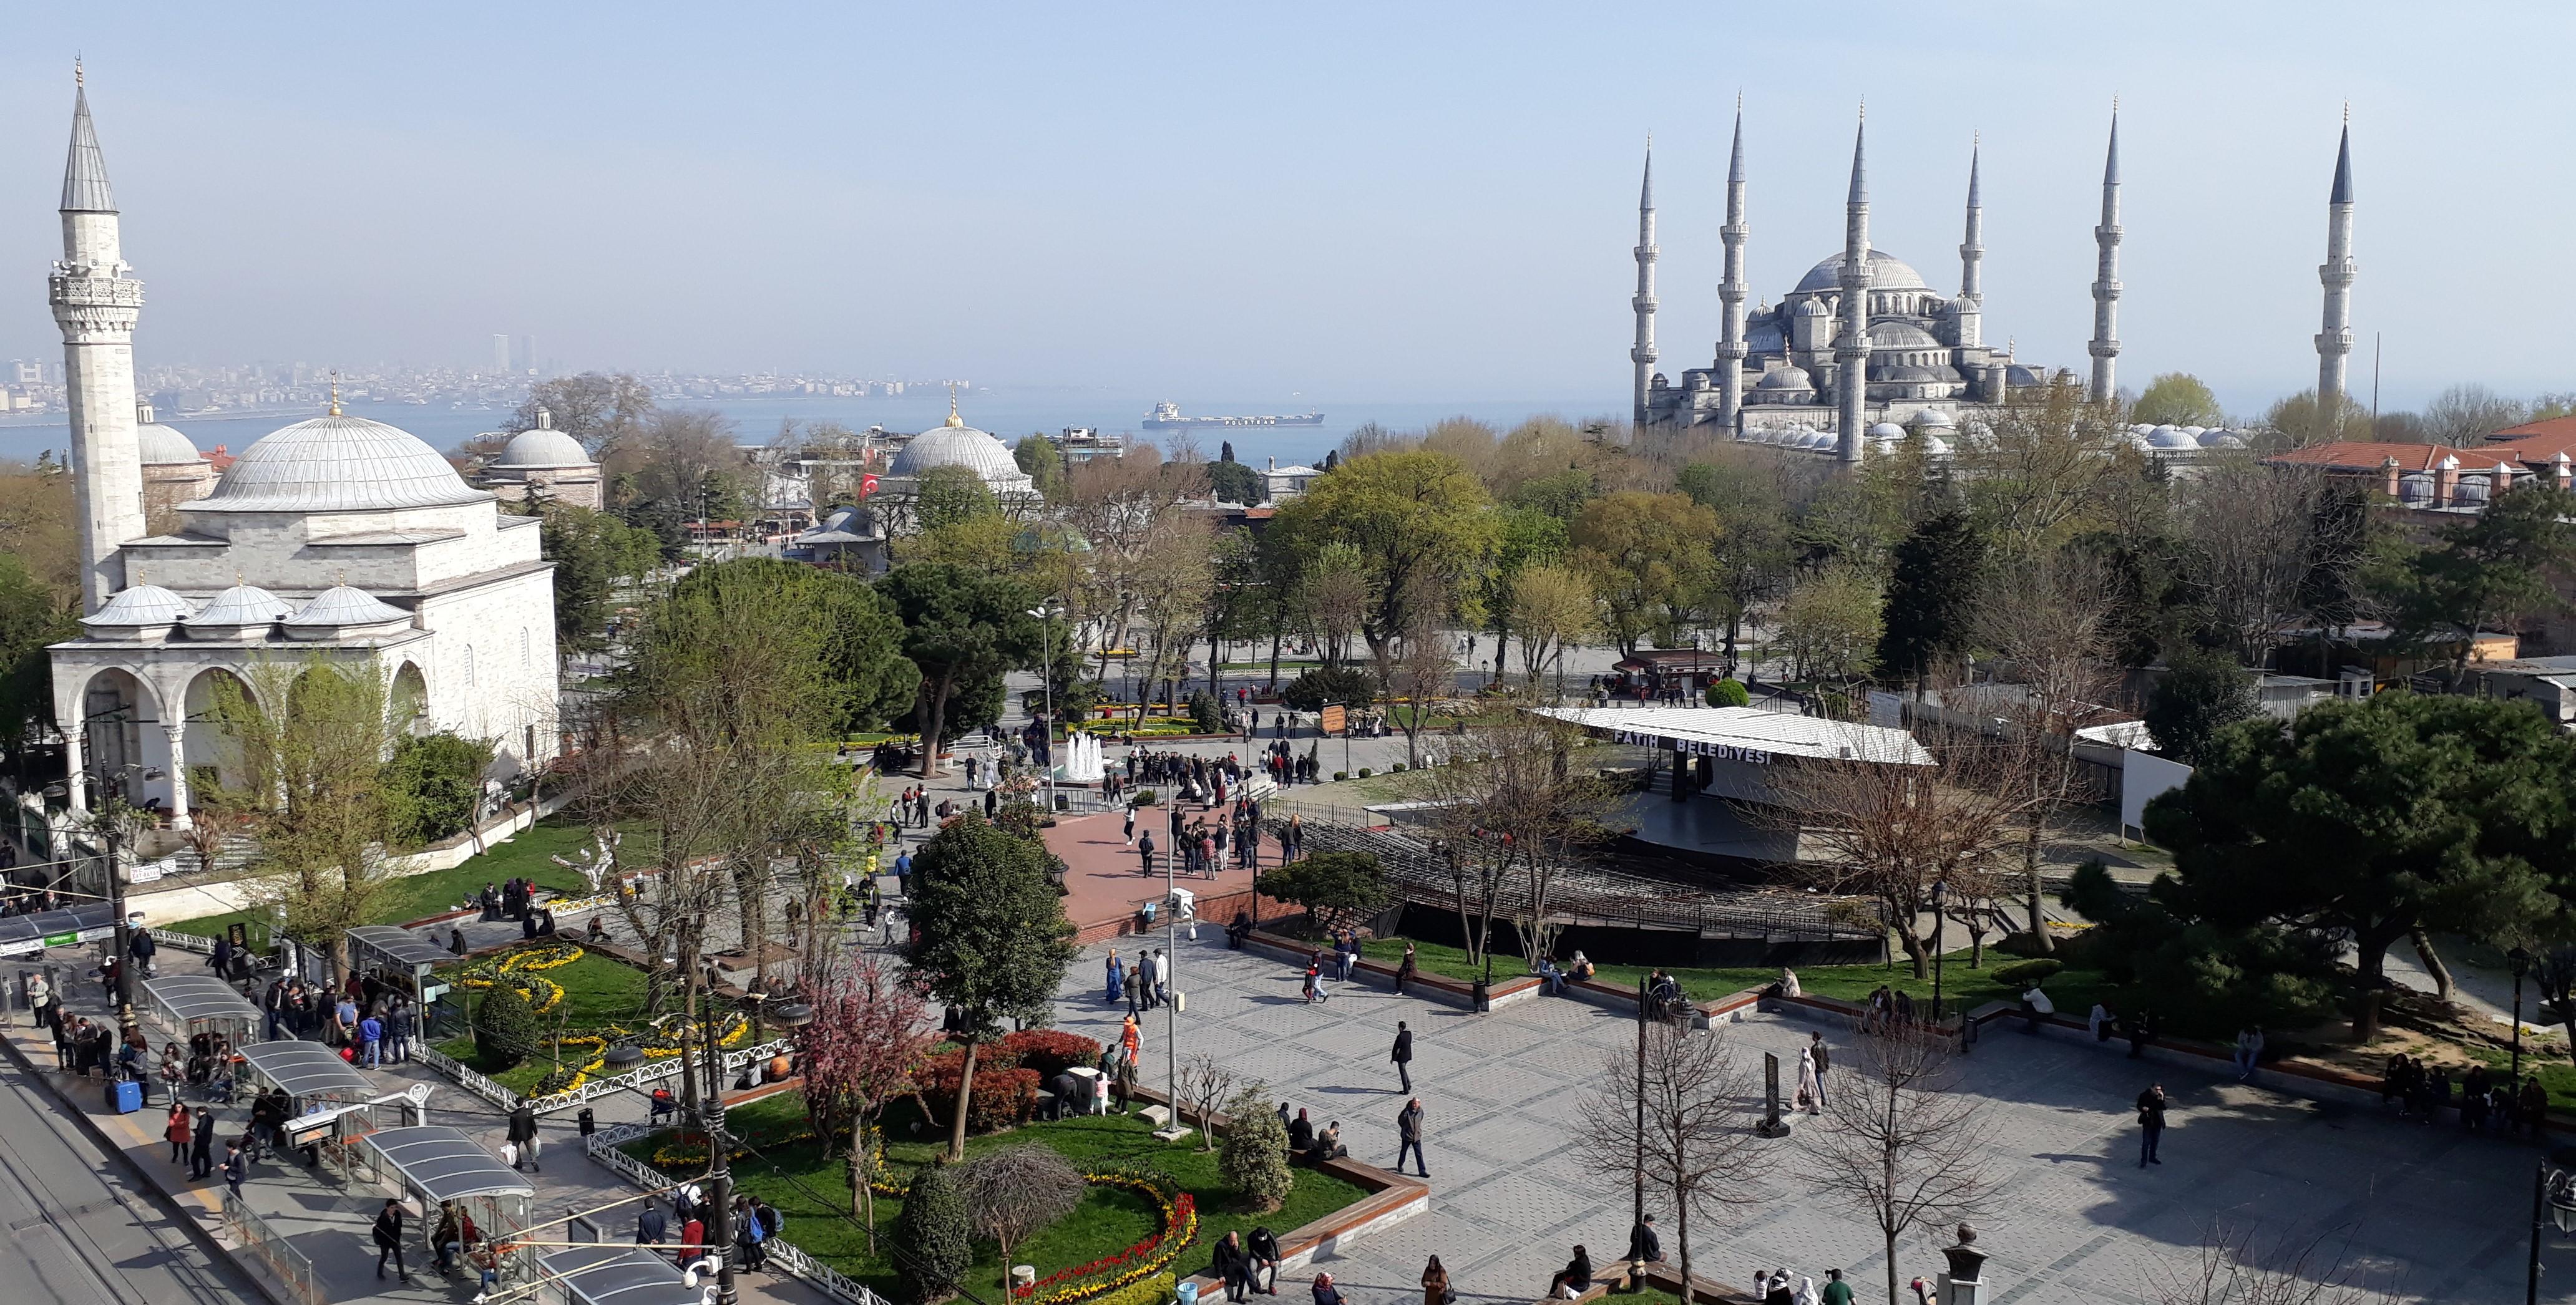 Kuva puiston ja moskeijoiden ylitse, taustalla meri